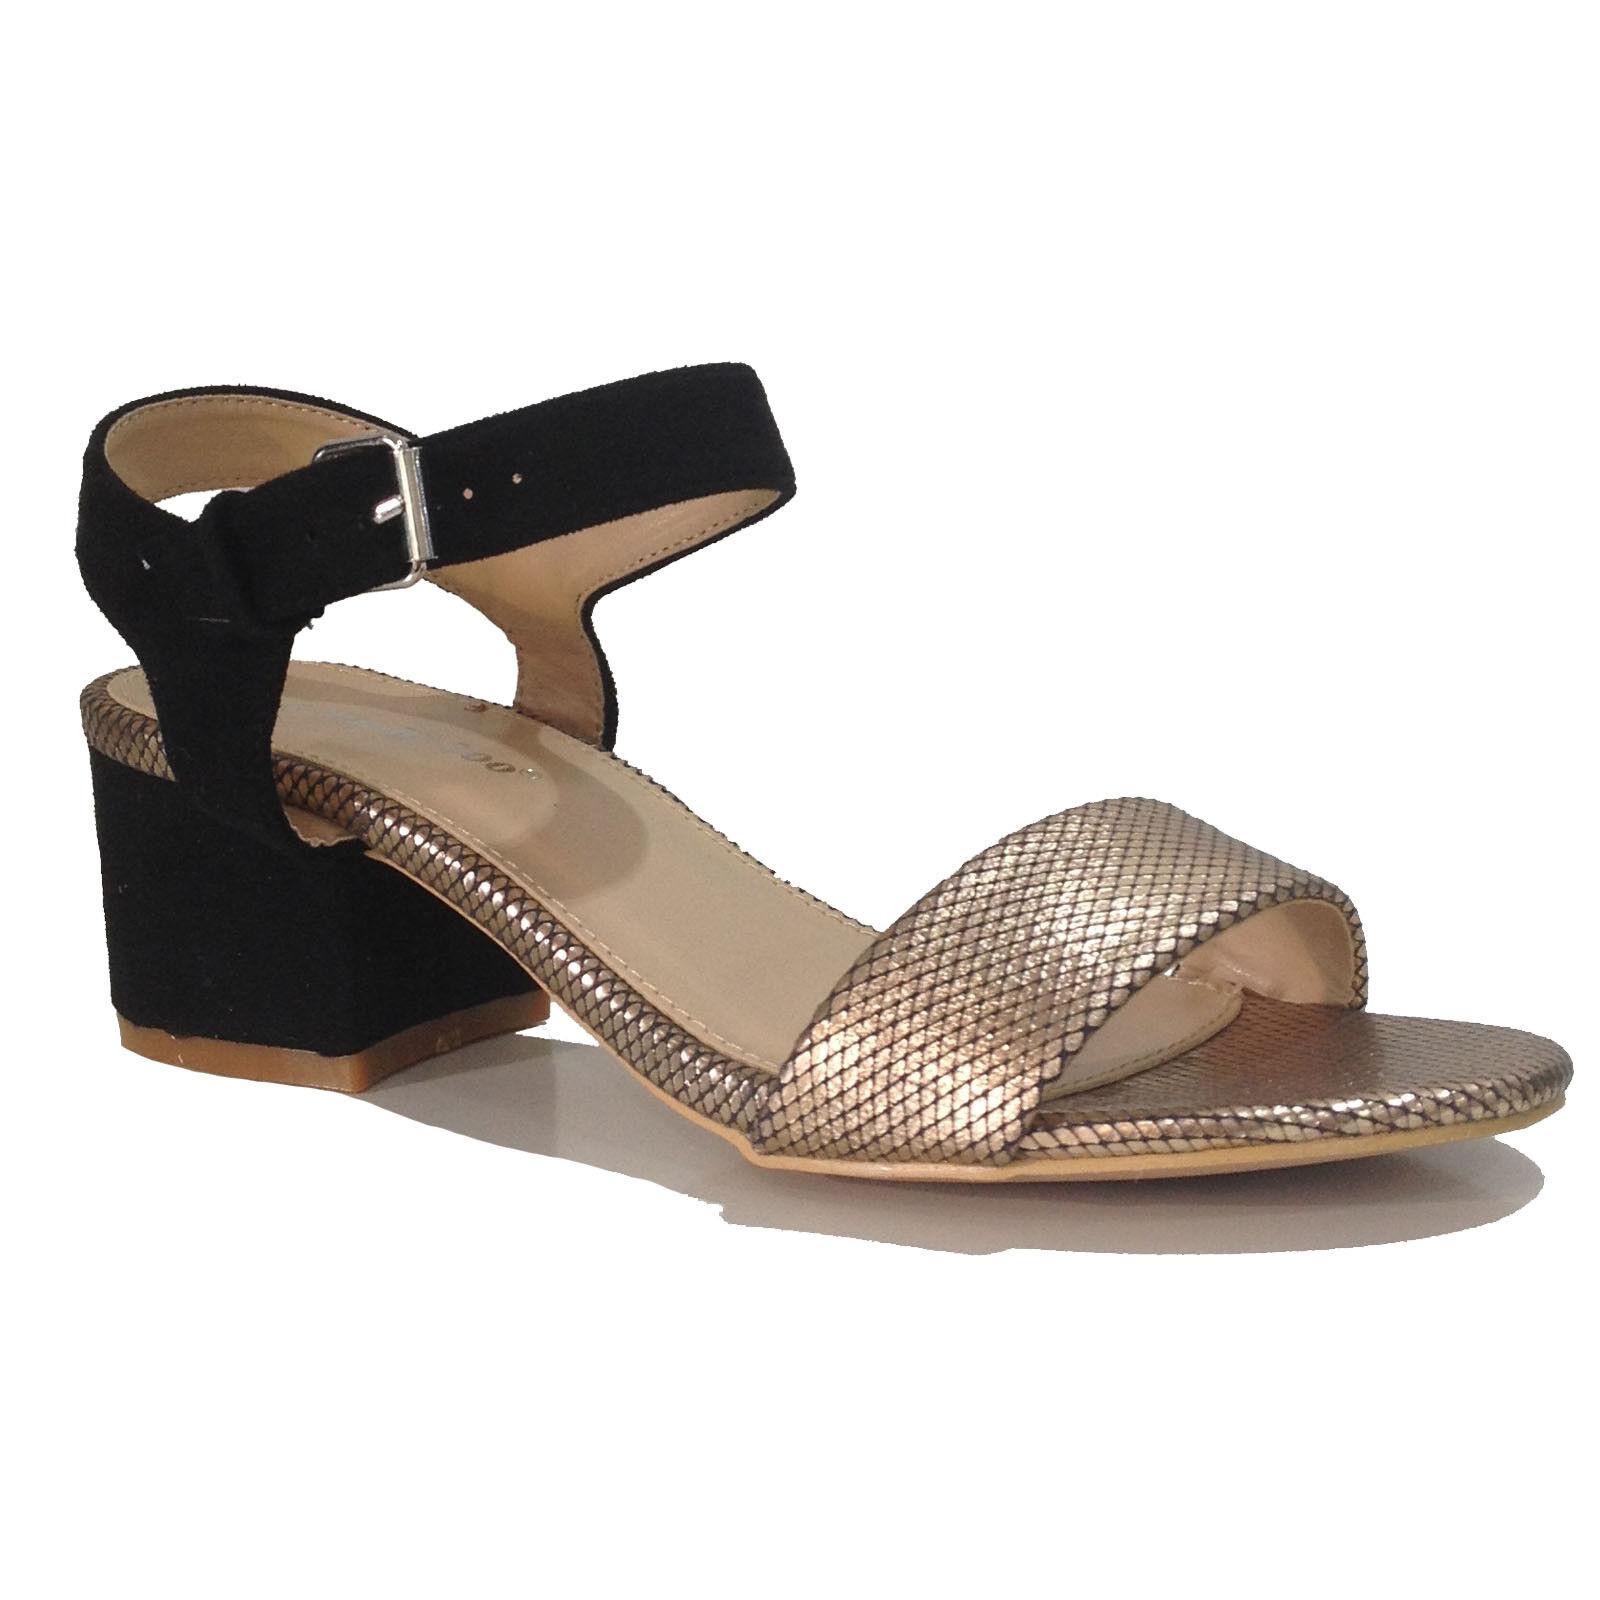 ☼ELEN☼ Sandales à talon - - - TRENDY TOO - Ref  0898  70% de descuento